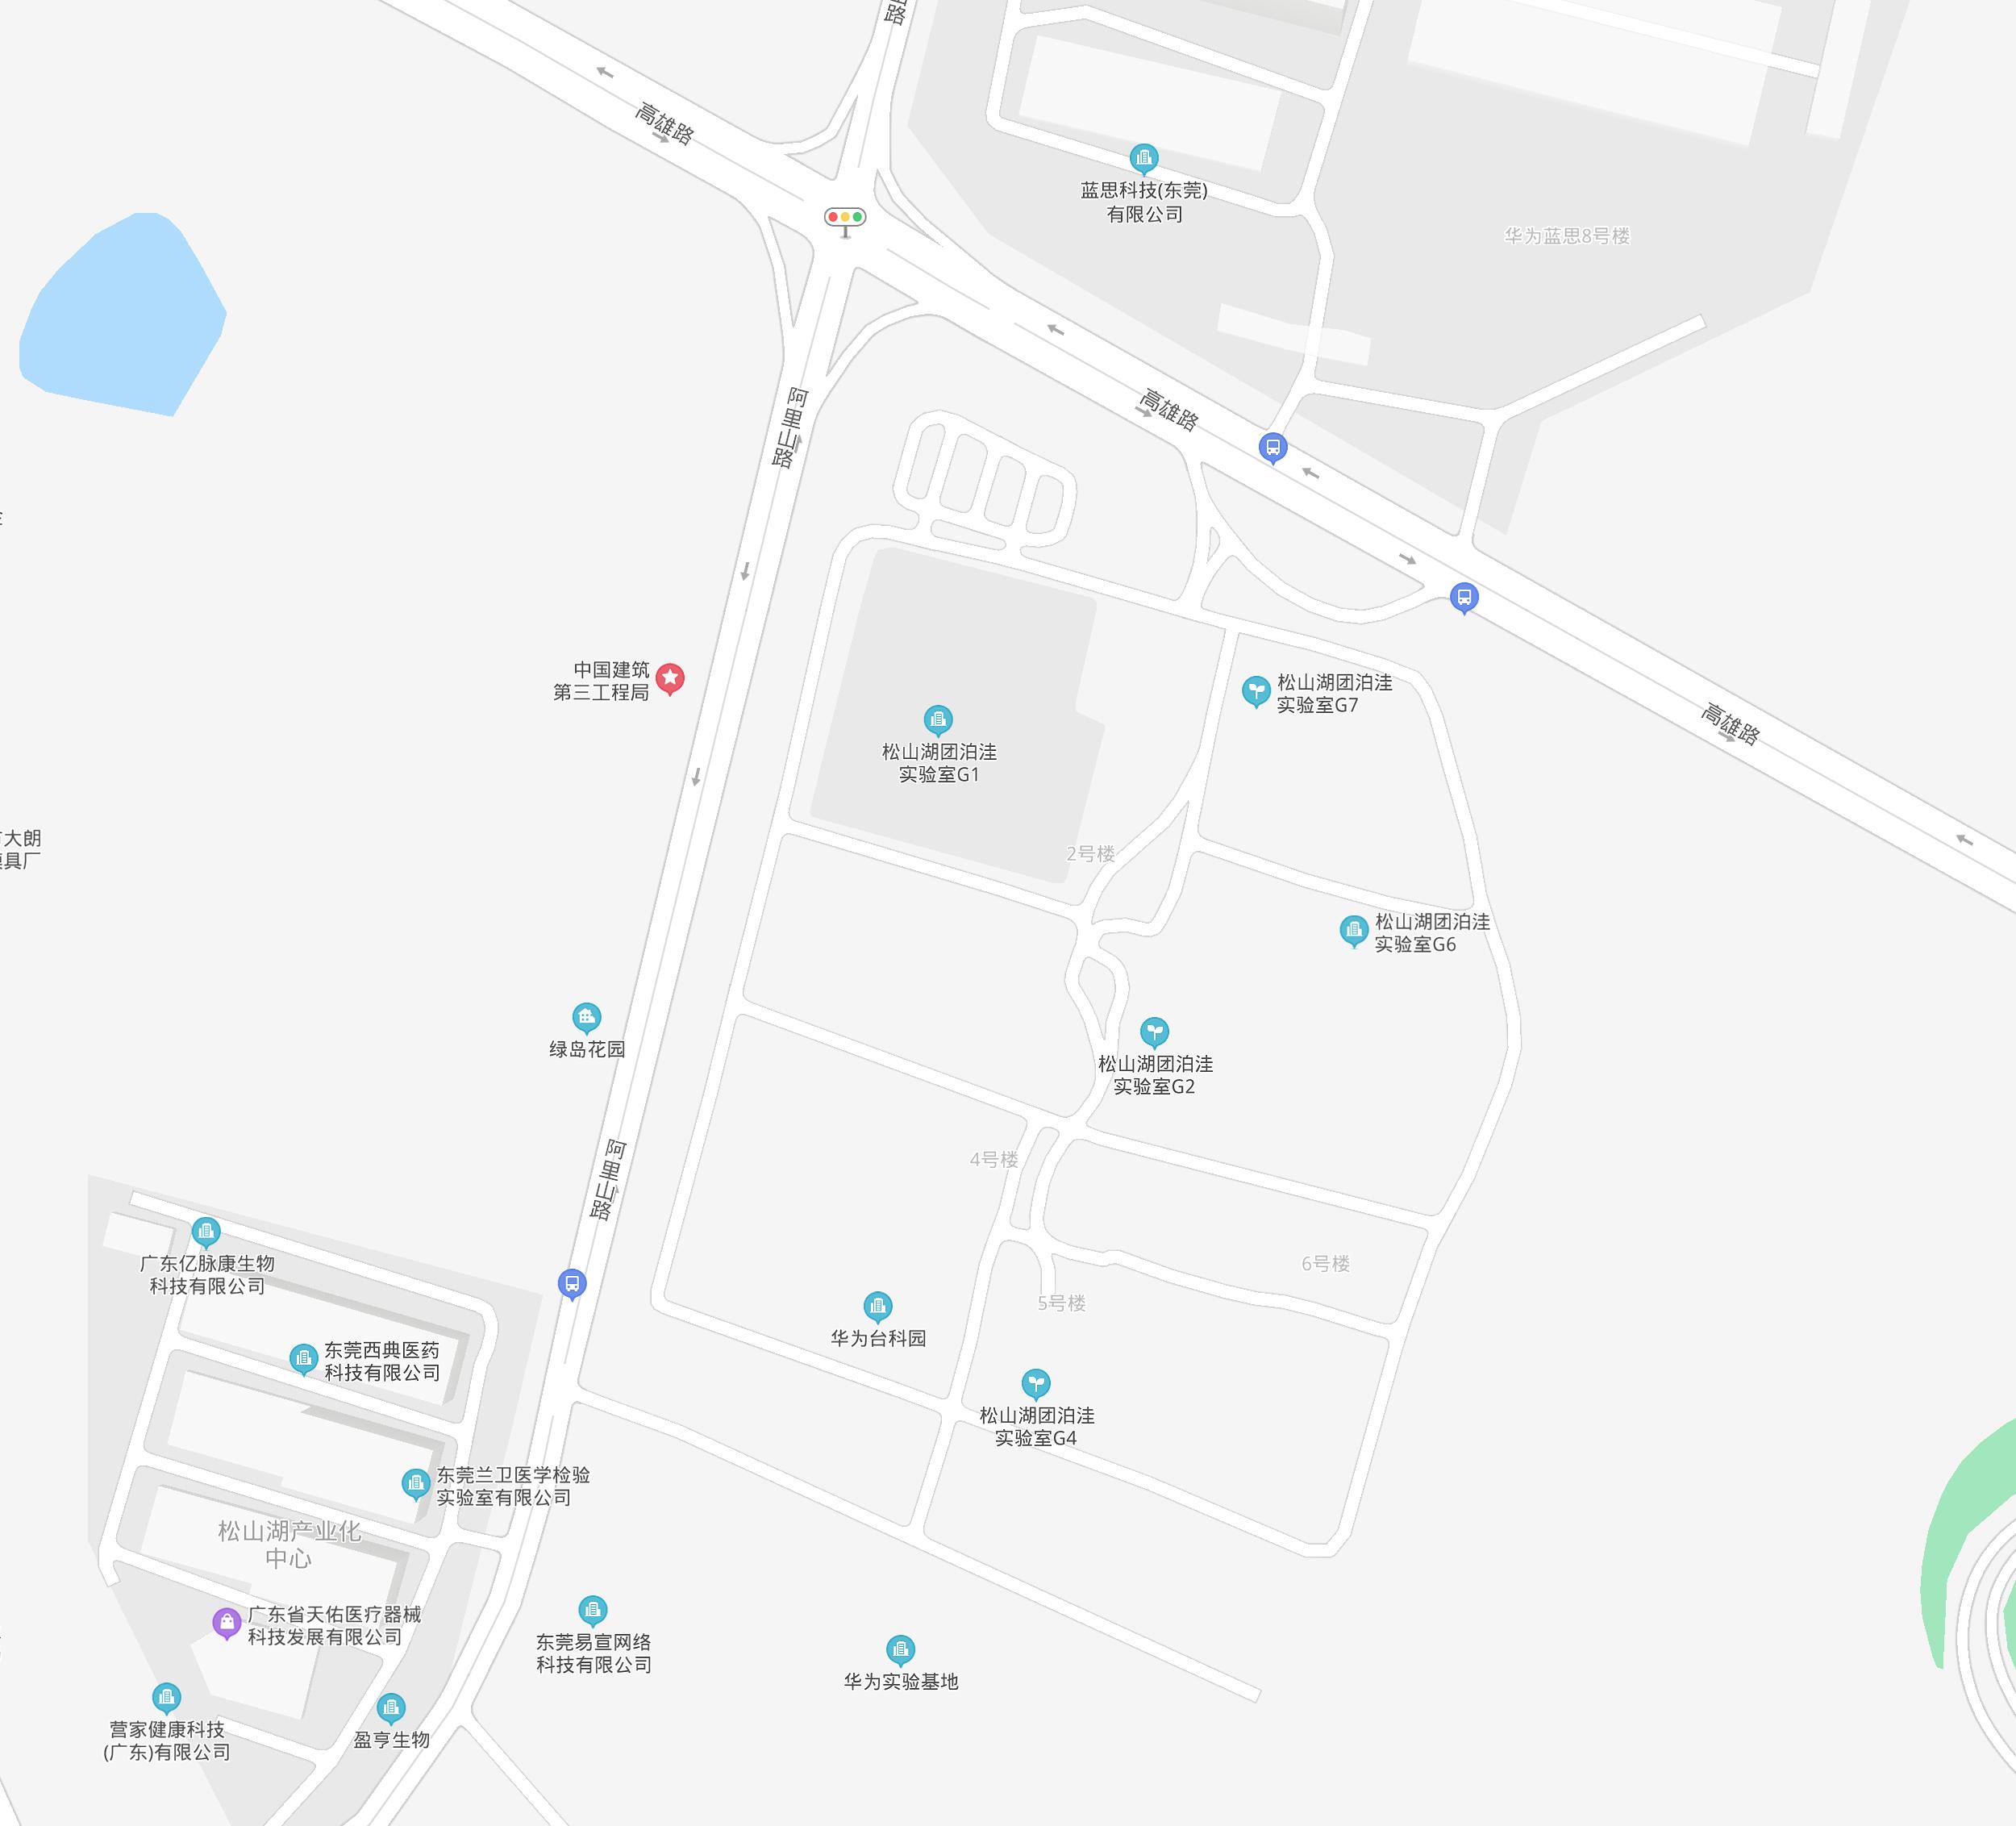 华为松山湖团泊洼物业:起火园区已封闭,员工全部撤出